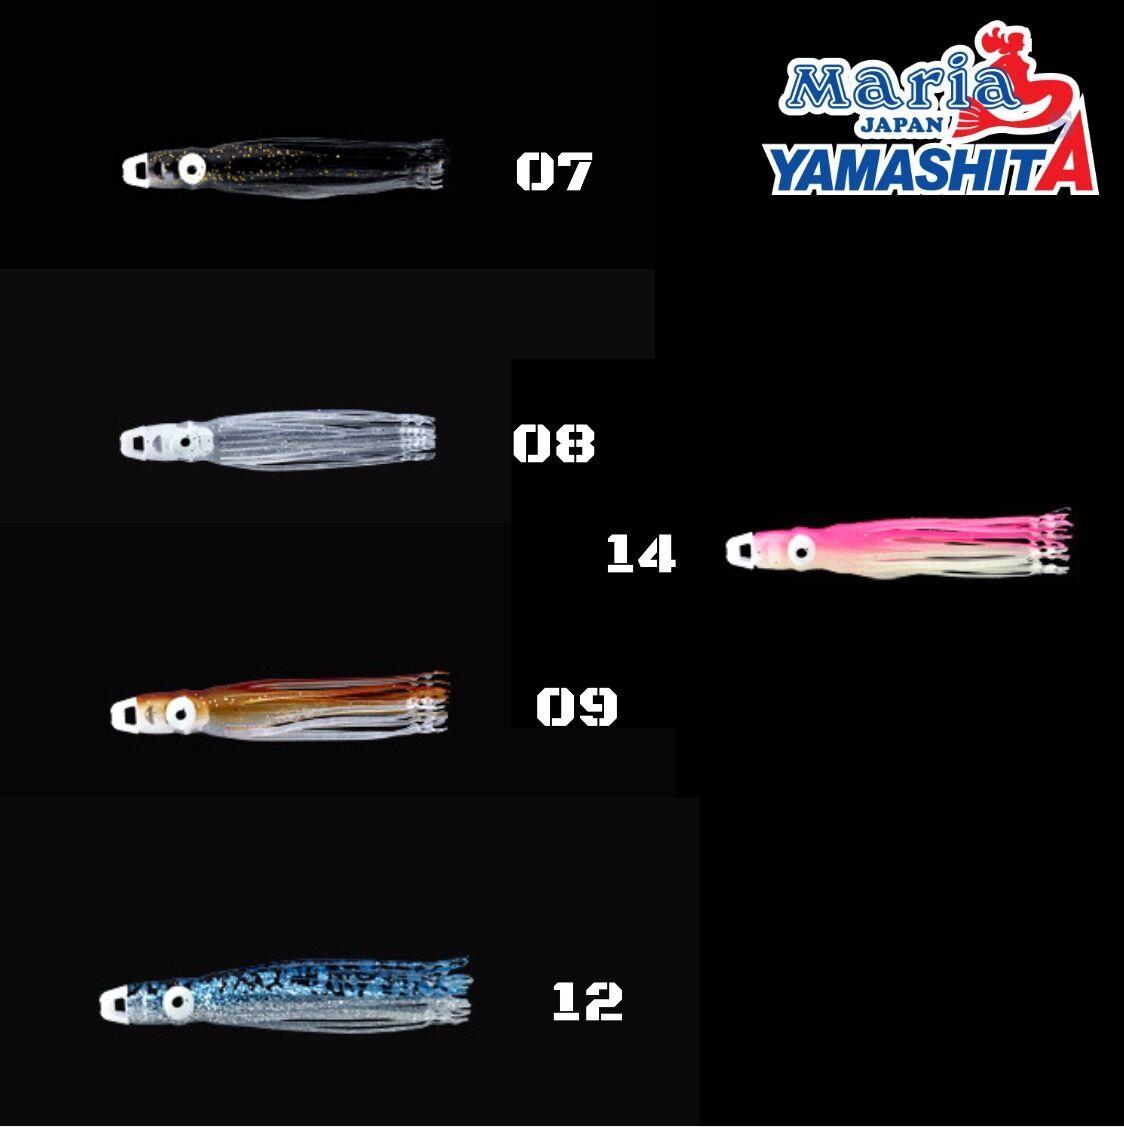 YAMASHITA MARIA SQUID FISHING TATAKI RIG SET CHOKUBURA-LEADER